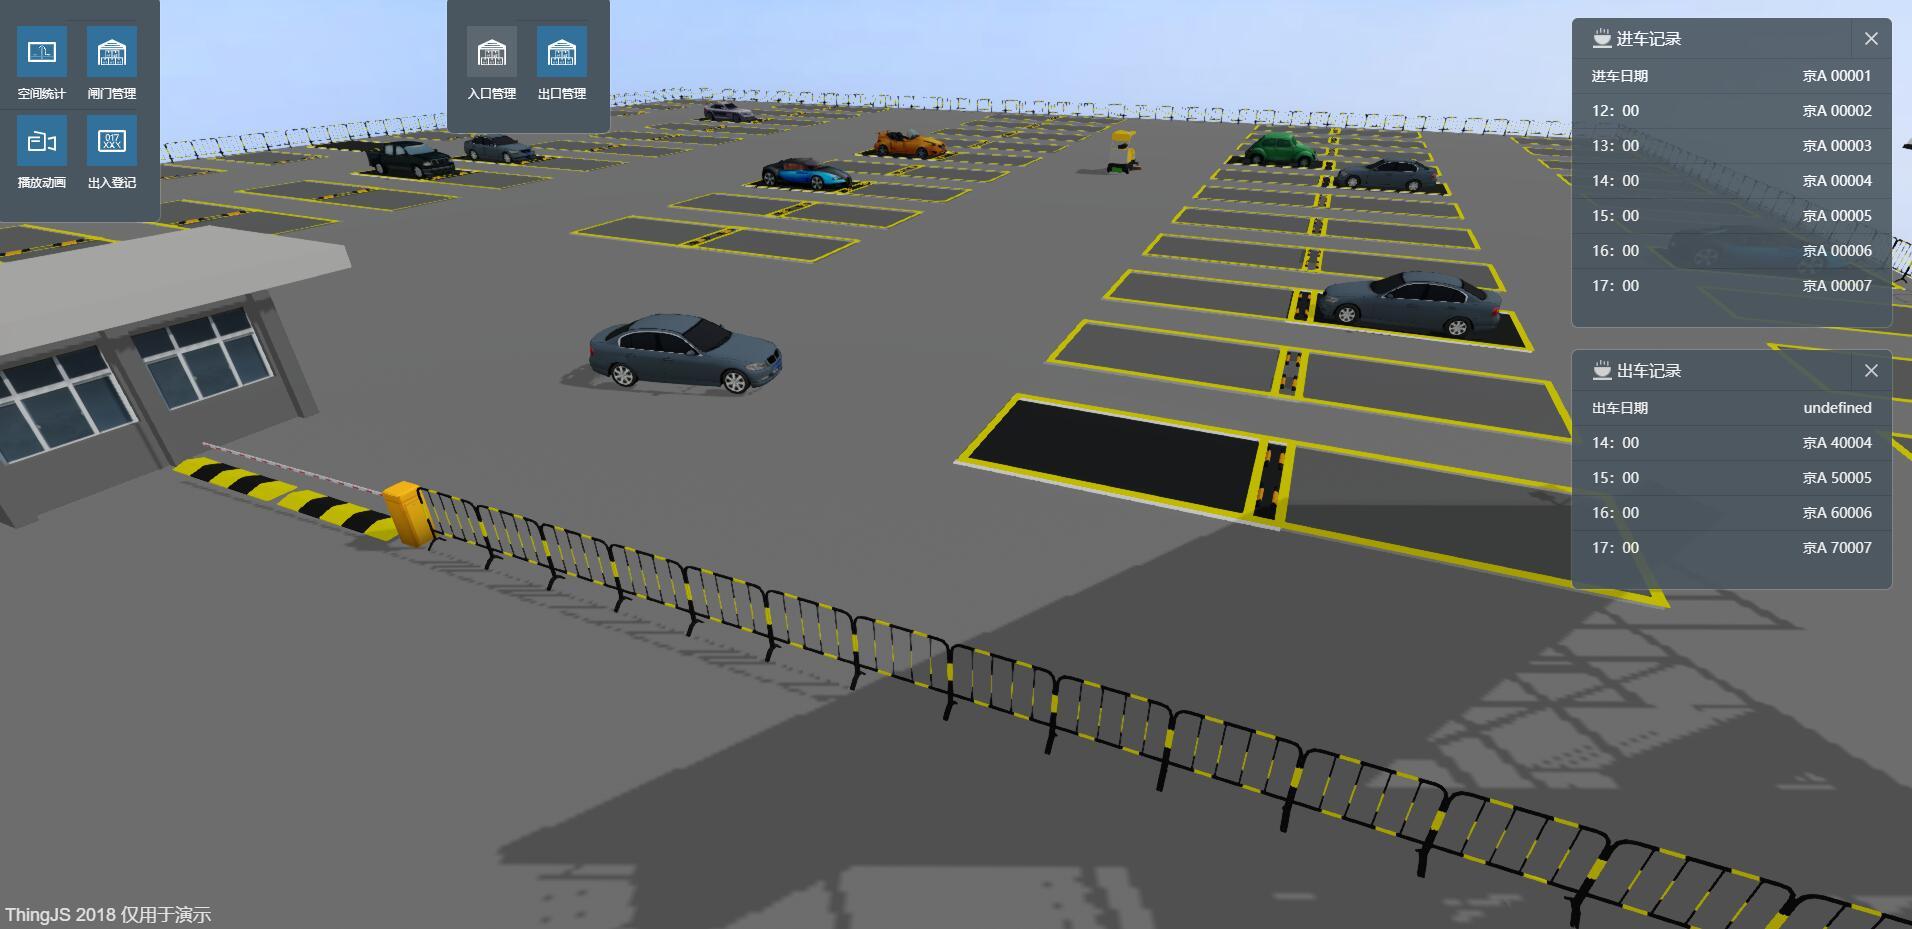 停车场三维可视化-车辆行驶轨迹